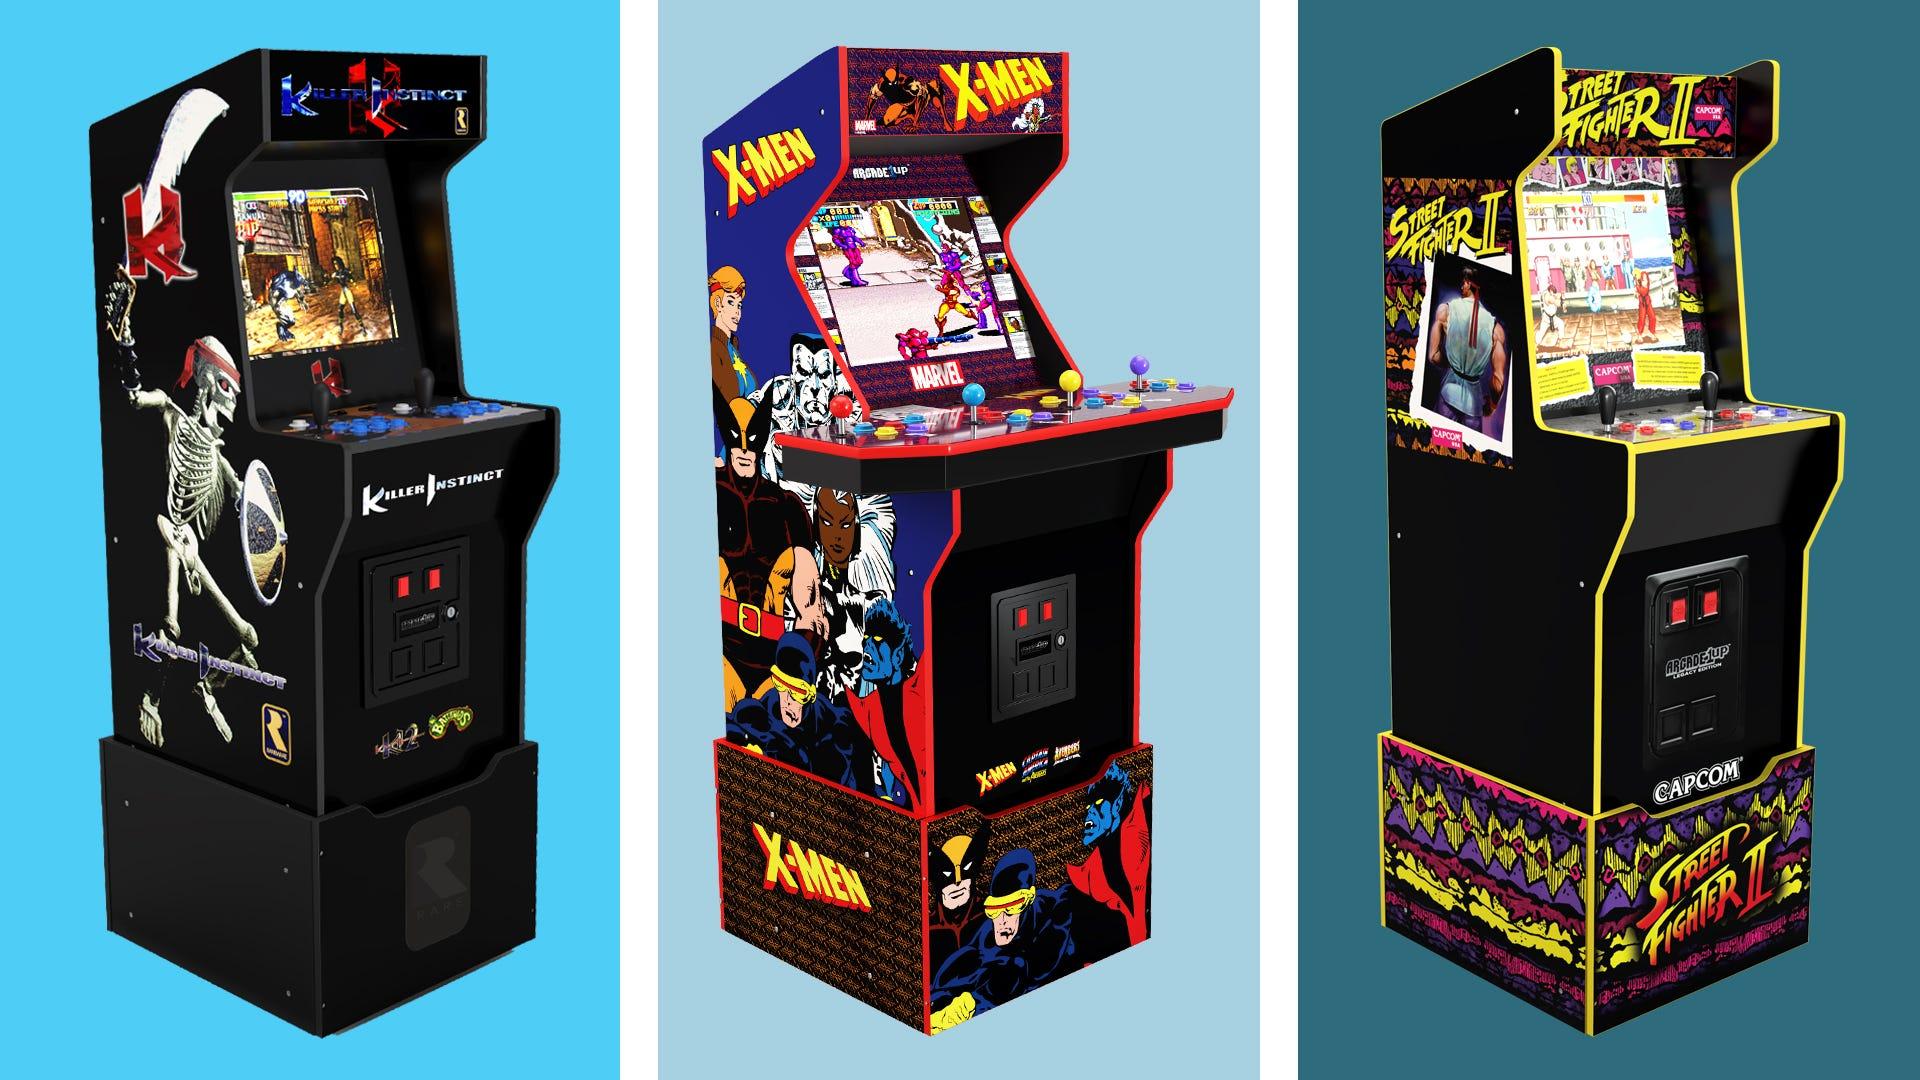 Arcade1Up Announces Its Best Retro Arcade Lineup Ever